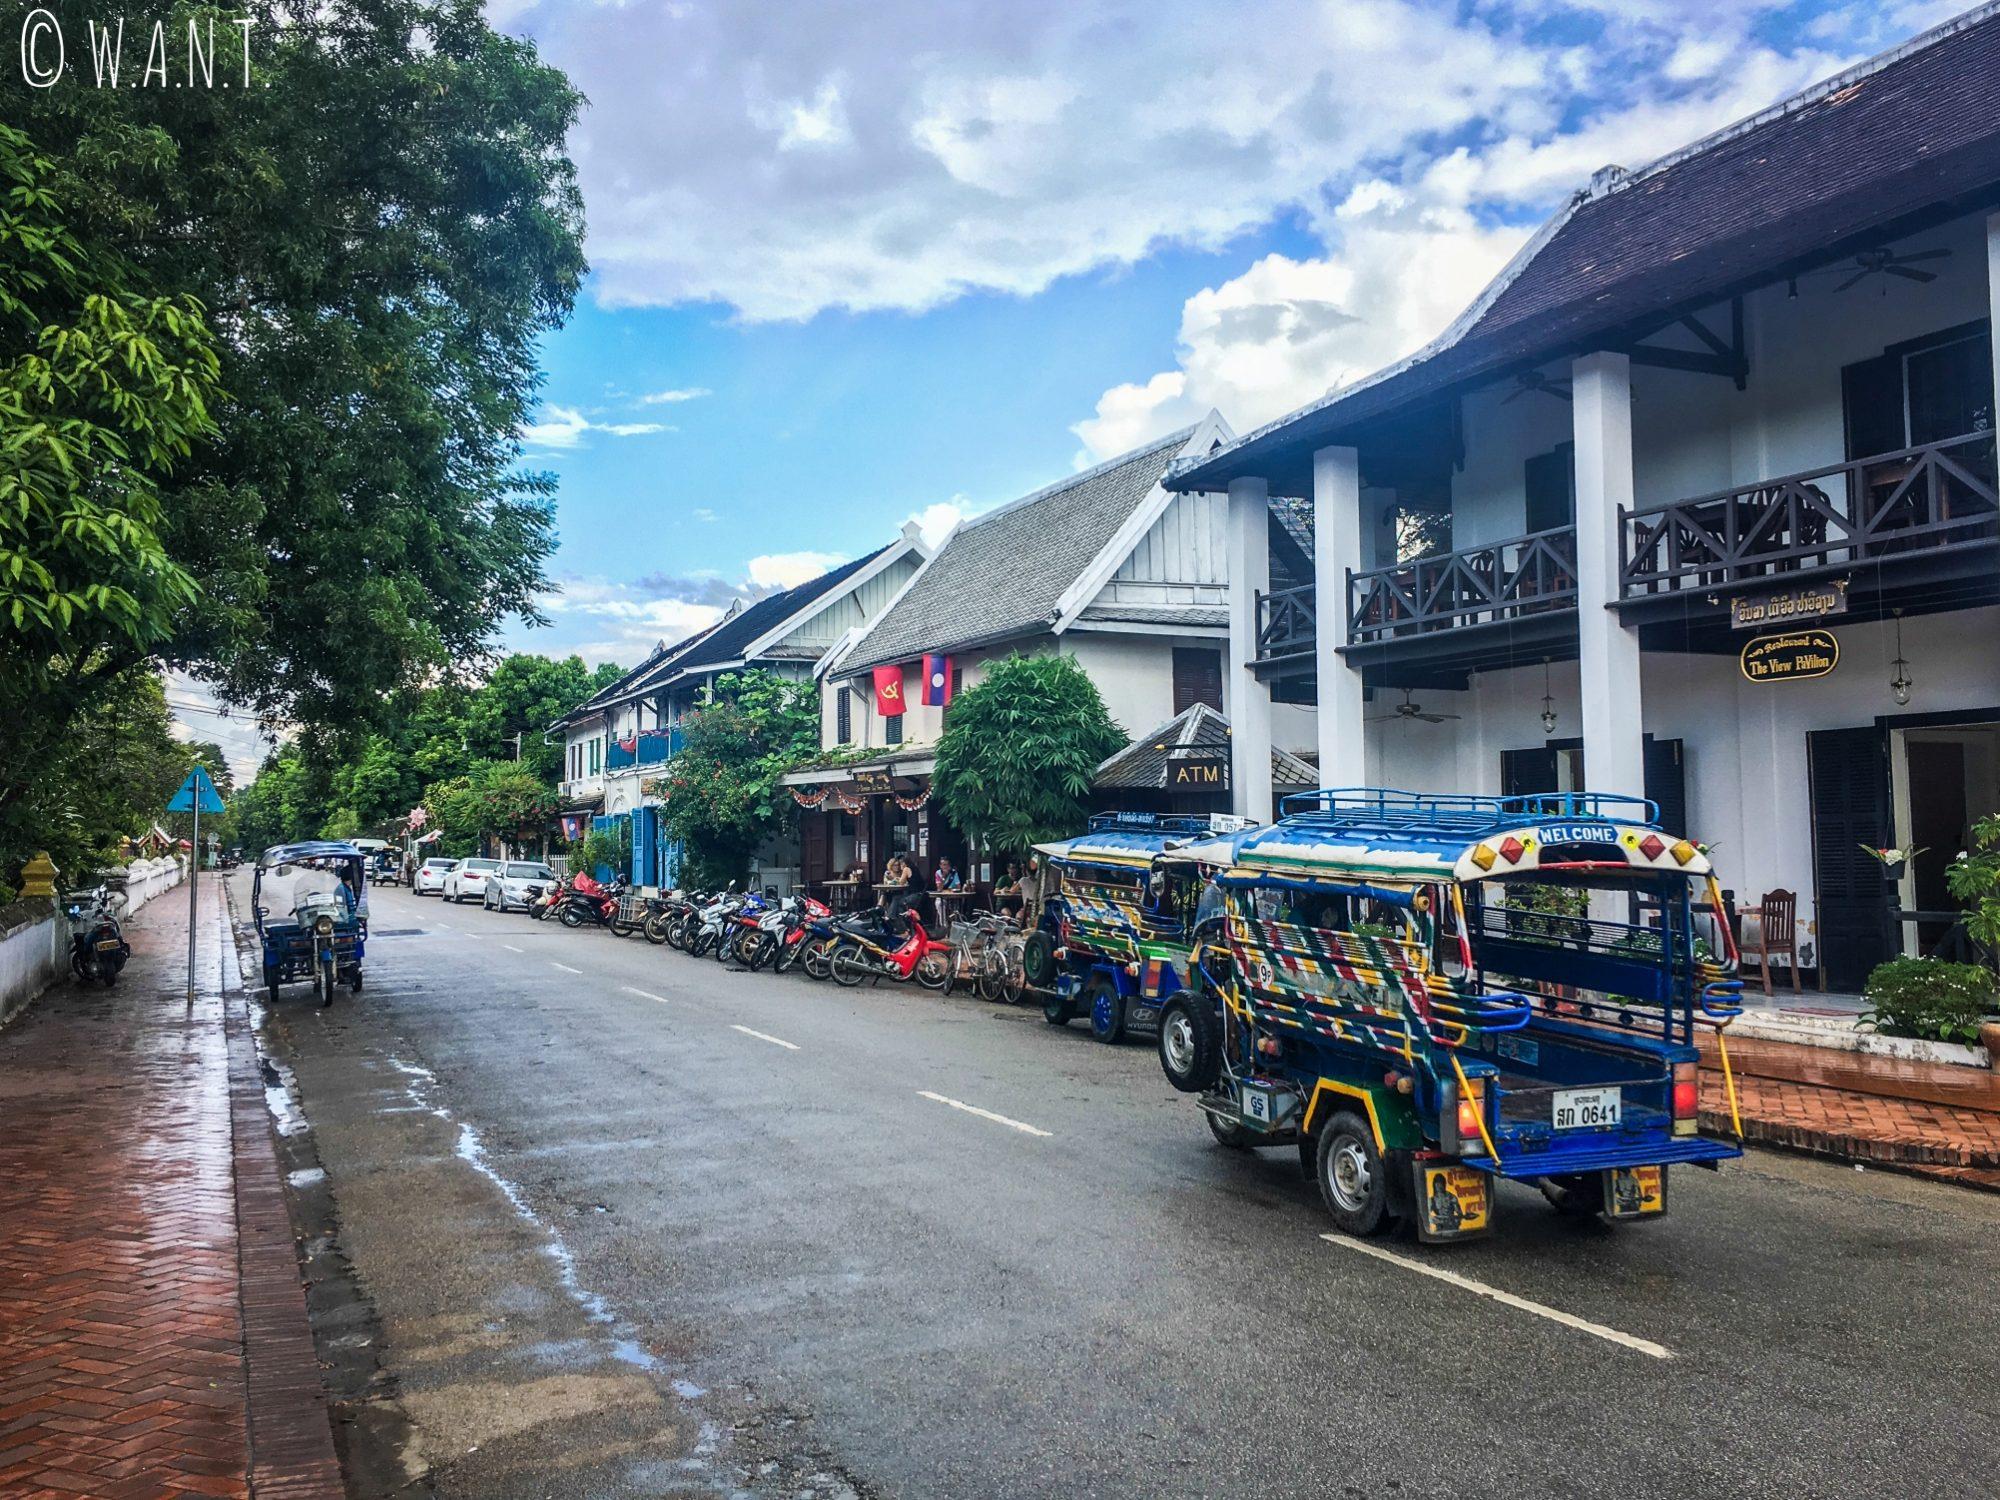 Une des rues principales de Luang Prabang